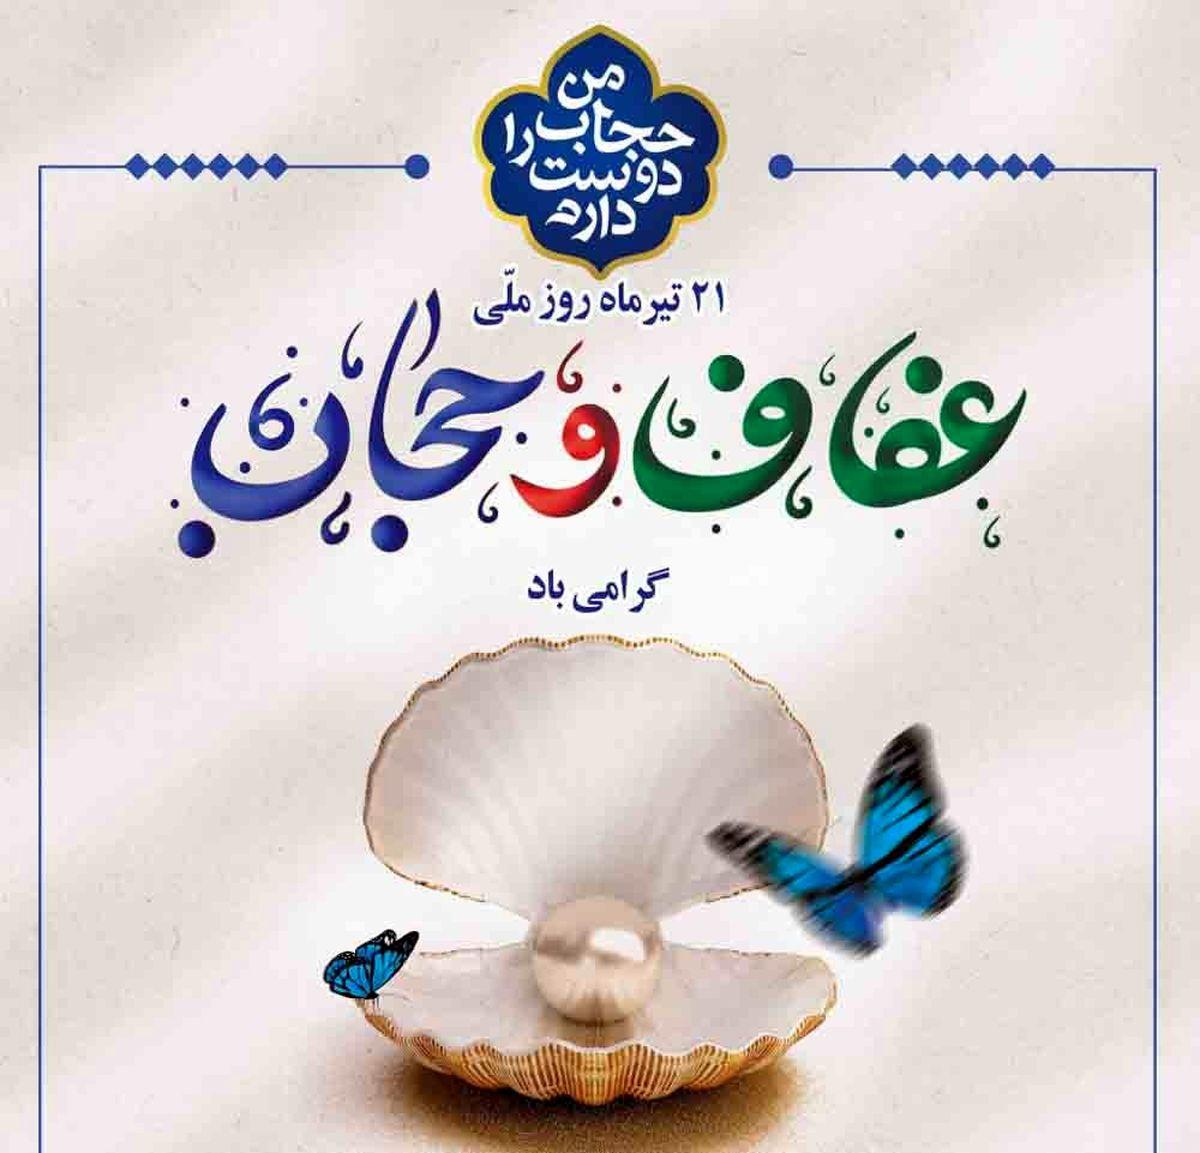  استقبال از هفته عفاف و حجاب با برنامههای مختلف فرهنگی هنری در فرهنگسرای سرو